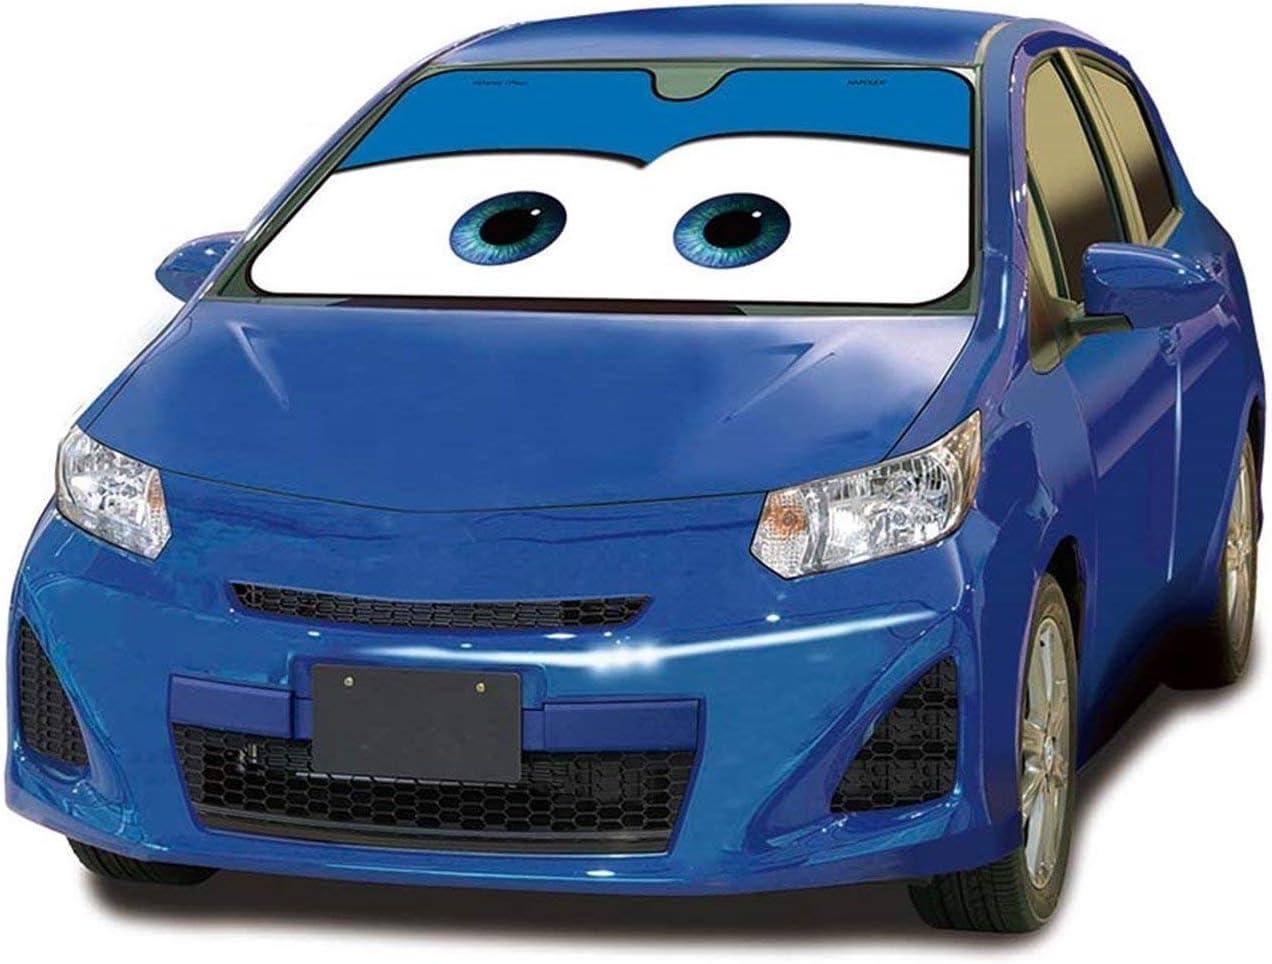 Mfeir Disney Car Blue Auto Sonnenblende Sonnenschutz Frontscheibe Blendschutz Windschutzscheibe Schattenspender Autozubehör Im Sommer Auto